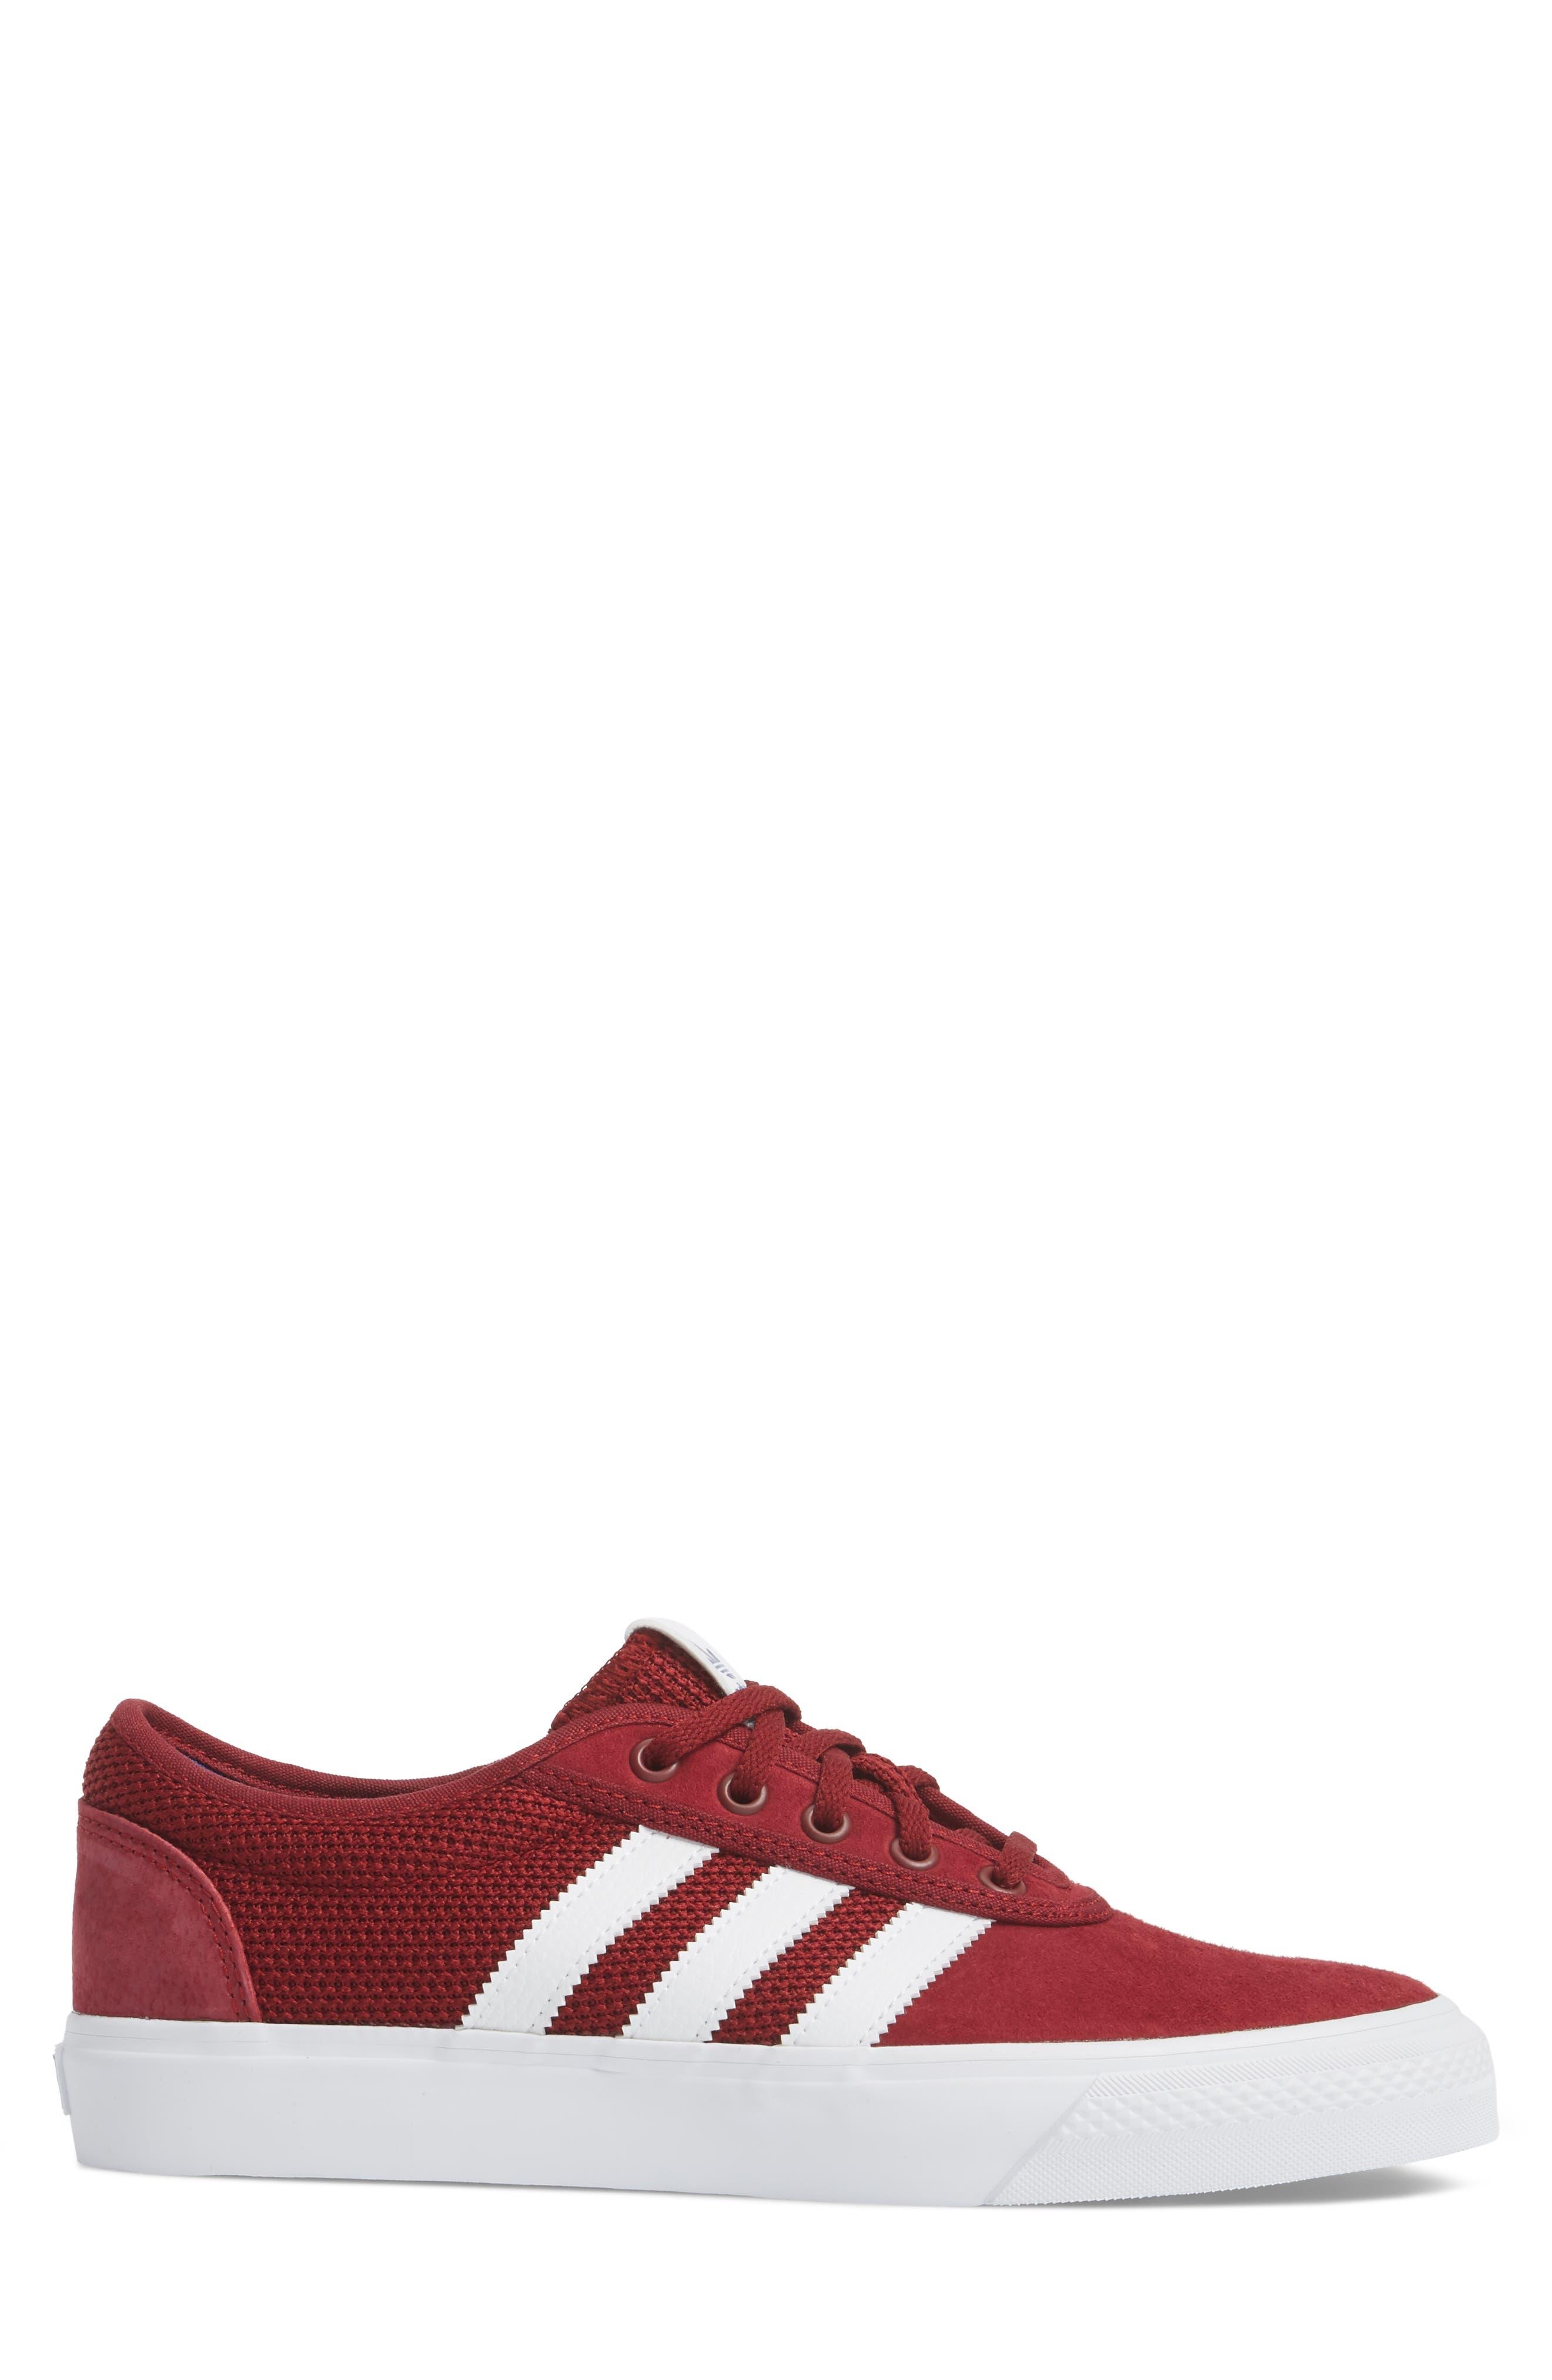 adi-Ease Sneaker,                             Alternate thumbnail 3, color,                             Burgundy/ White / Royal